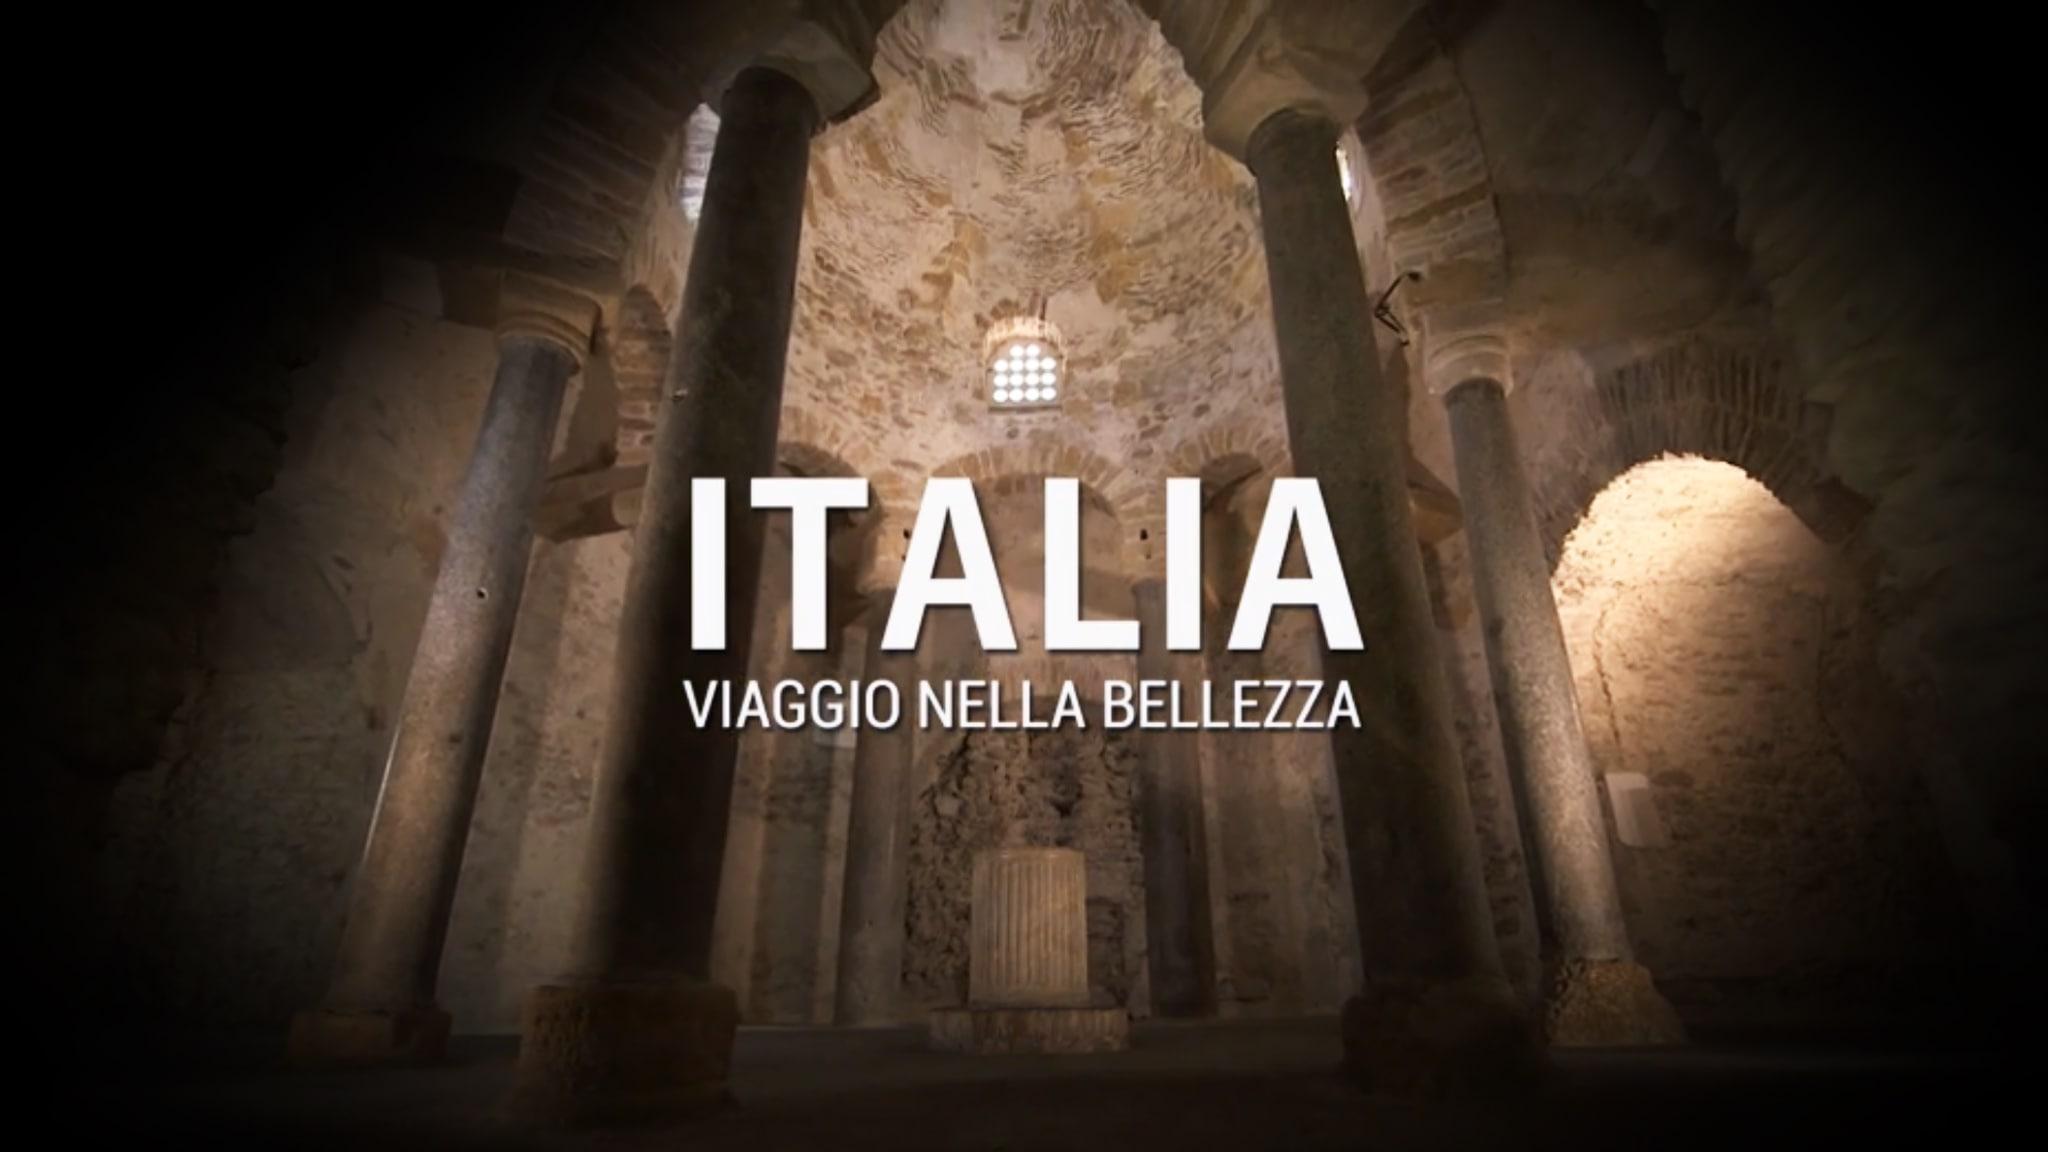 Rai Storia Italia viaggio nella bellezza - La seconda vita dei conventi. Venezia e la caduta della Repubblica Veneta